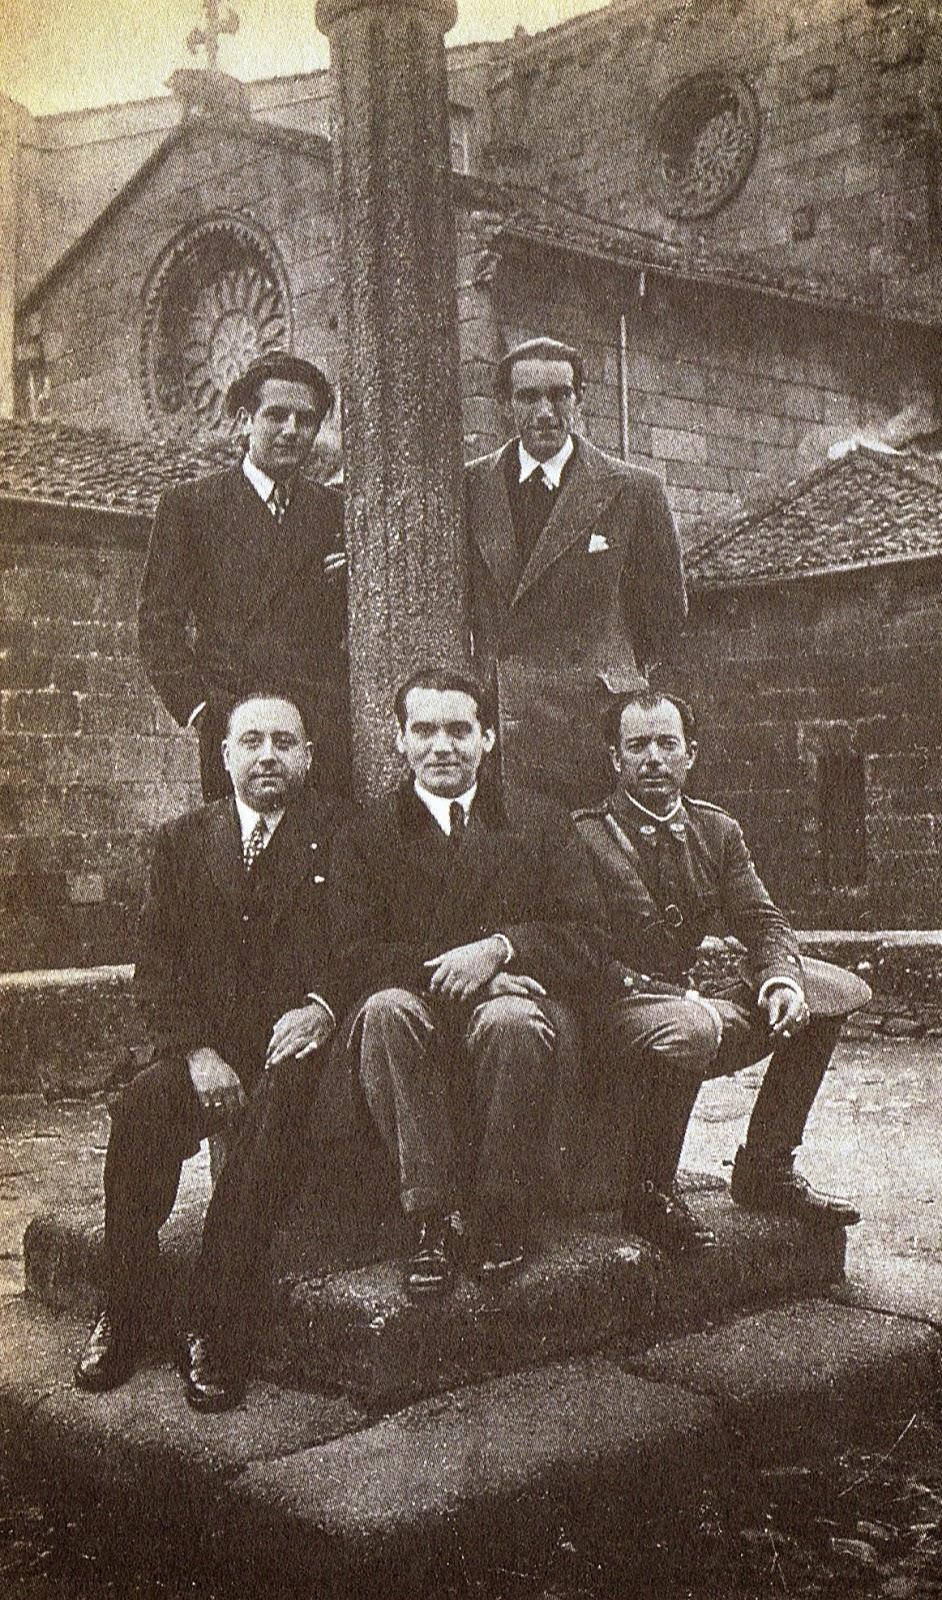 Lorca con unos amigos en Galicia en 1932